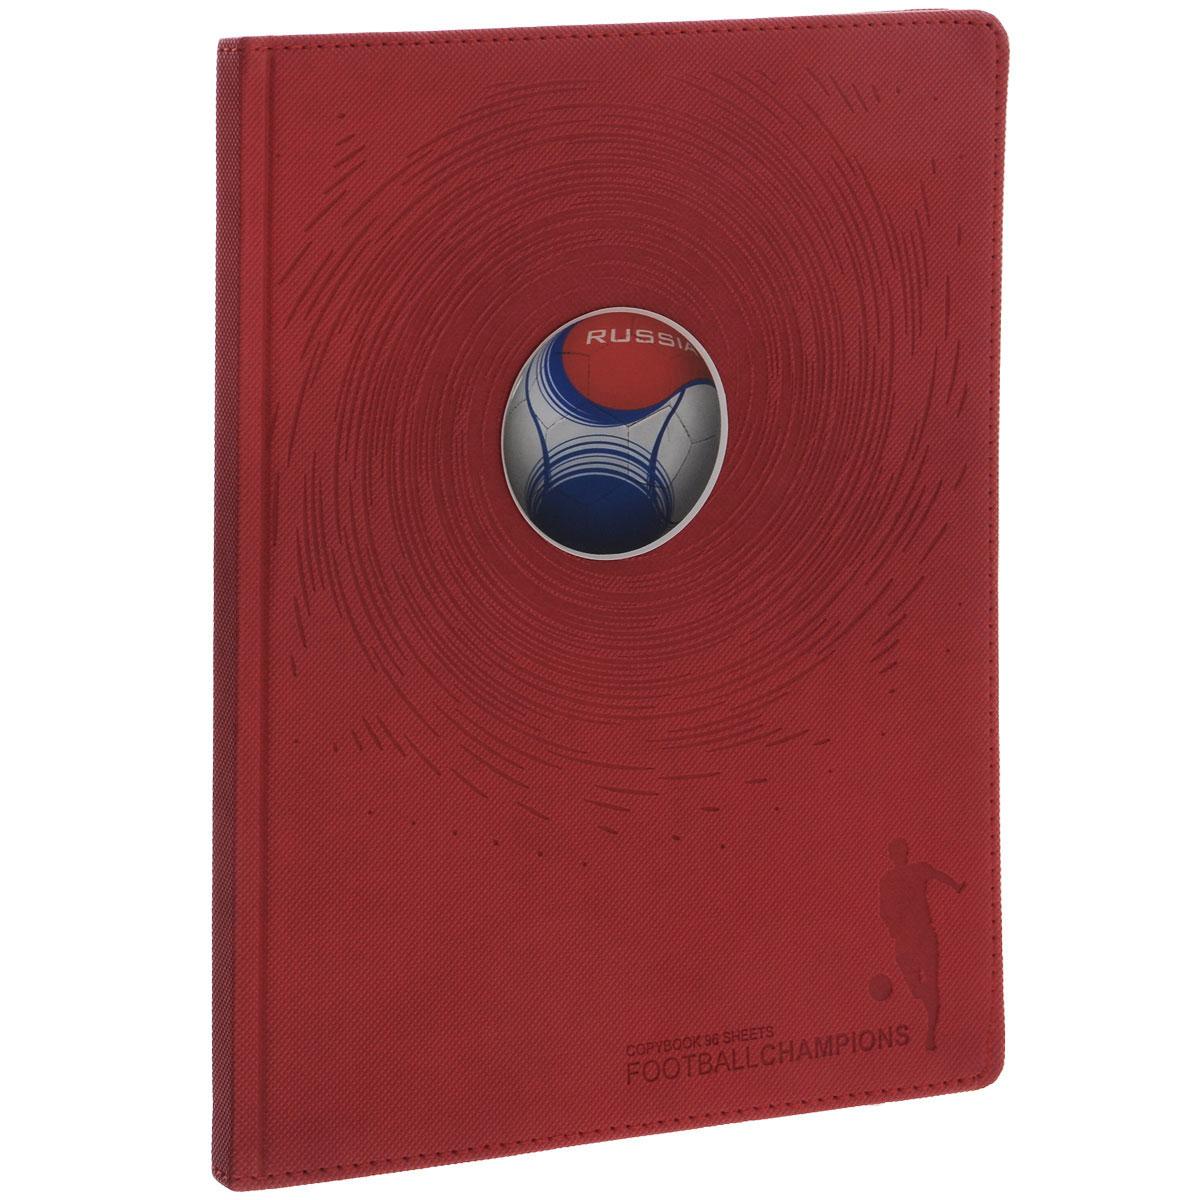 Тетрадь Альт Футбольный мяч. Россия, 96 листов, формат А5+, цвет: красный7-96-877